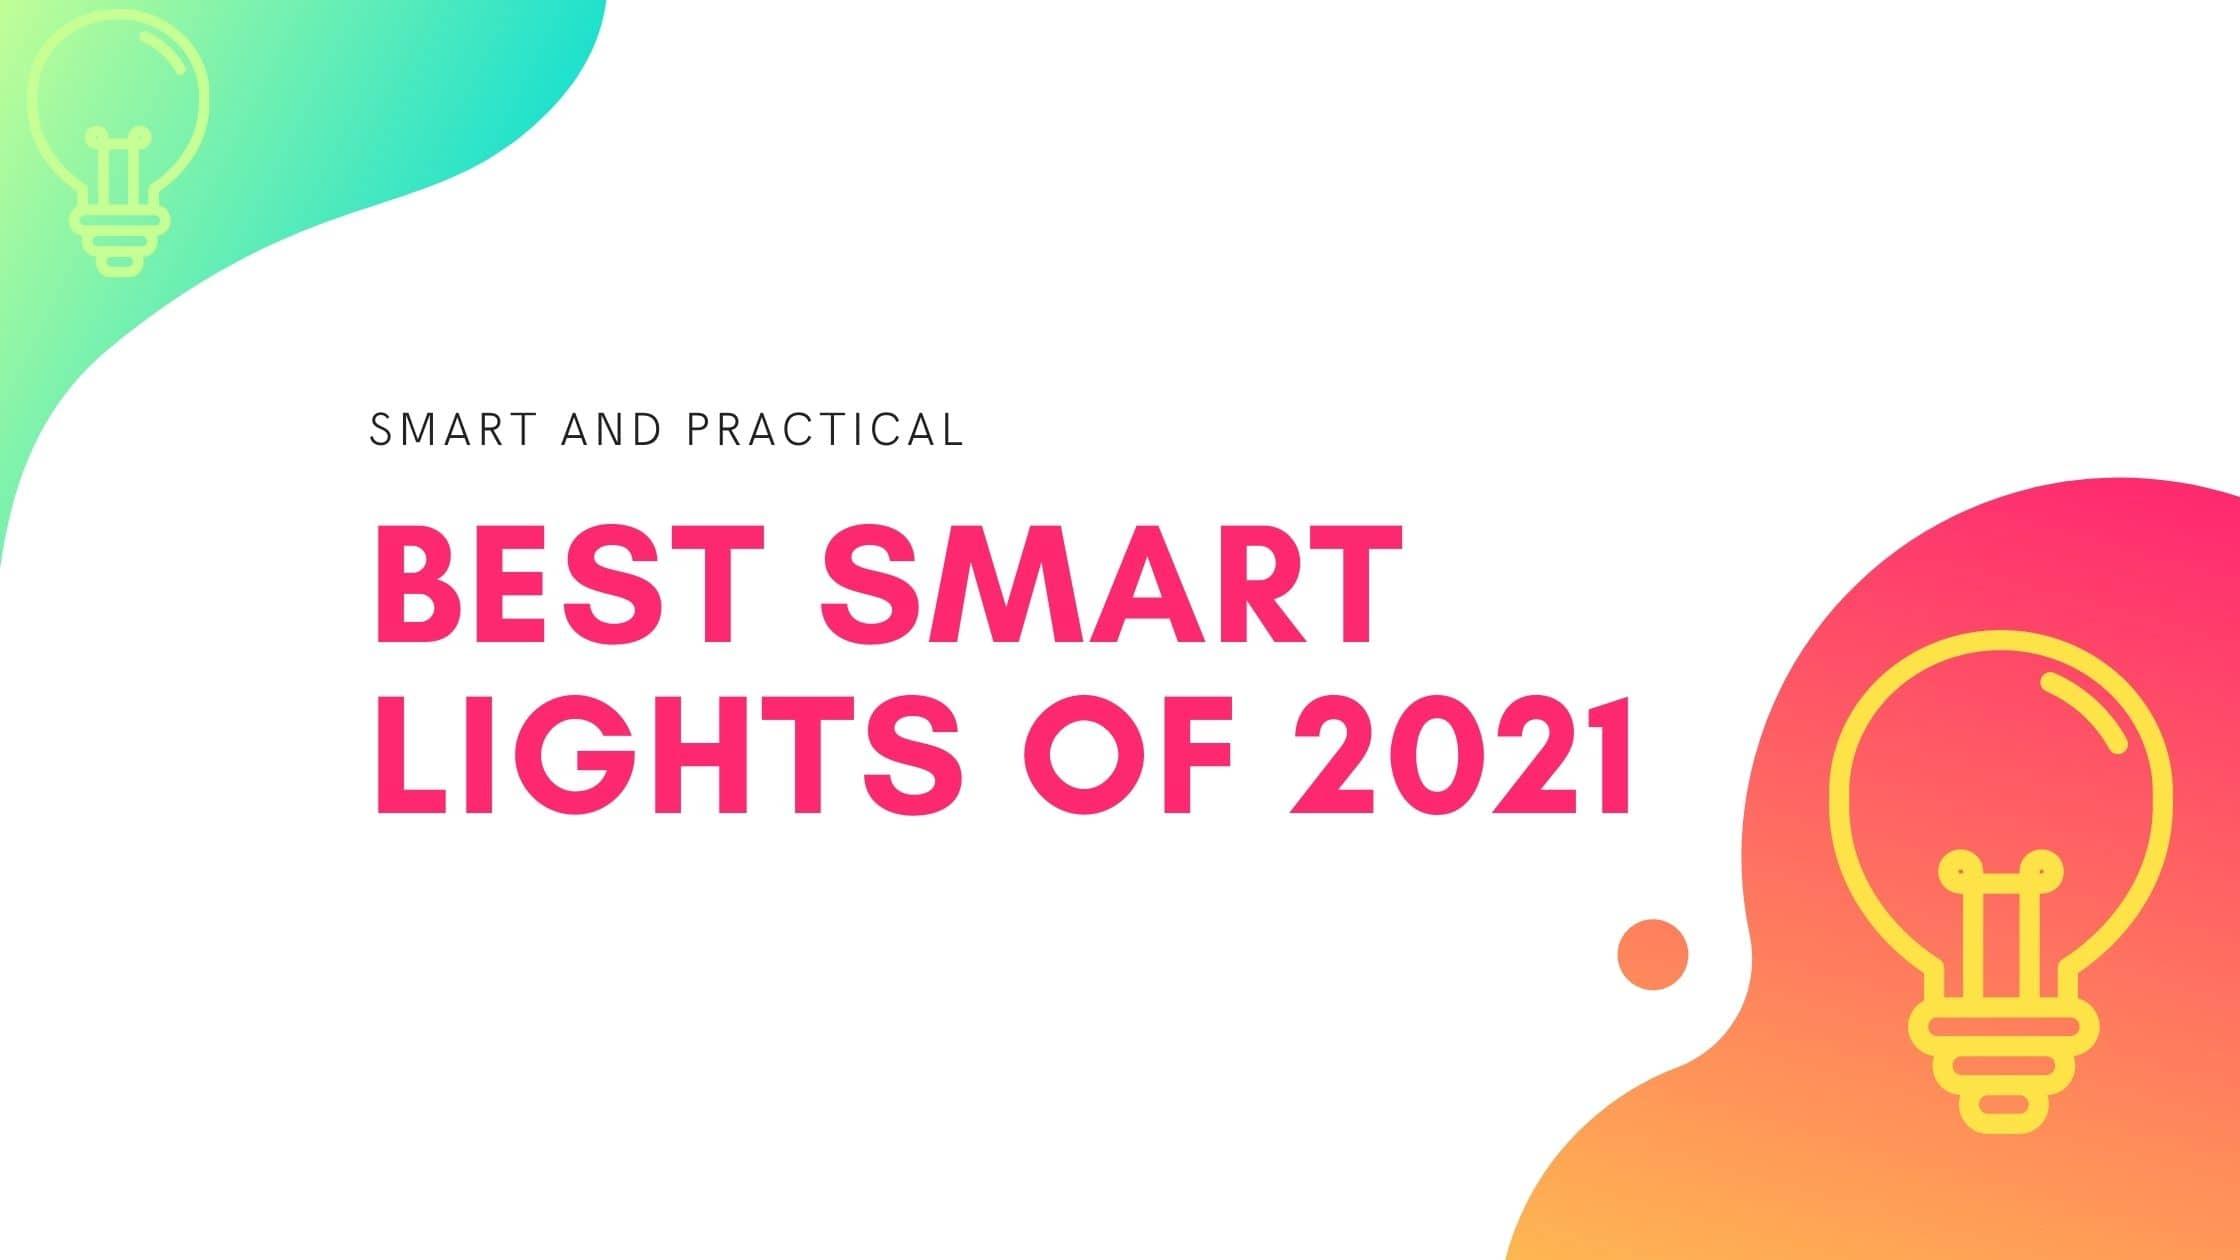 Best Smart Lights 2021